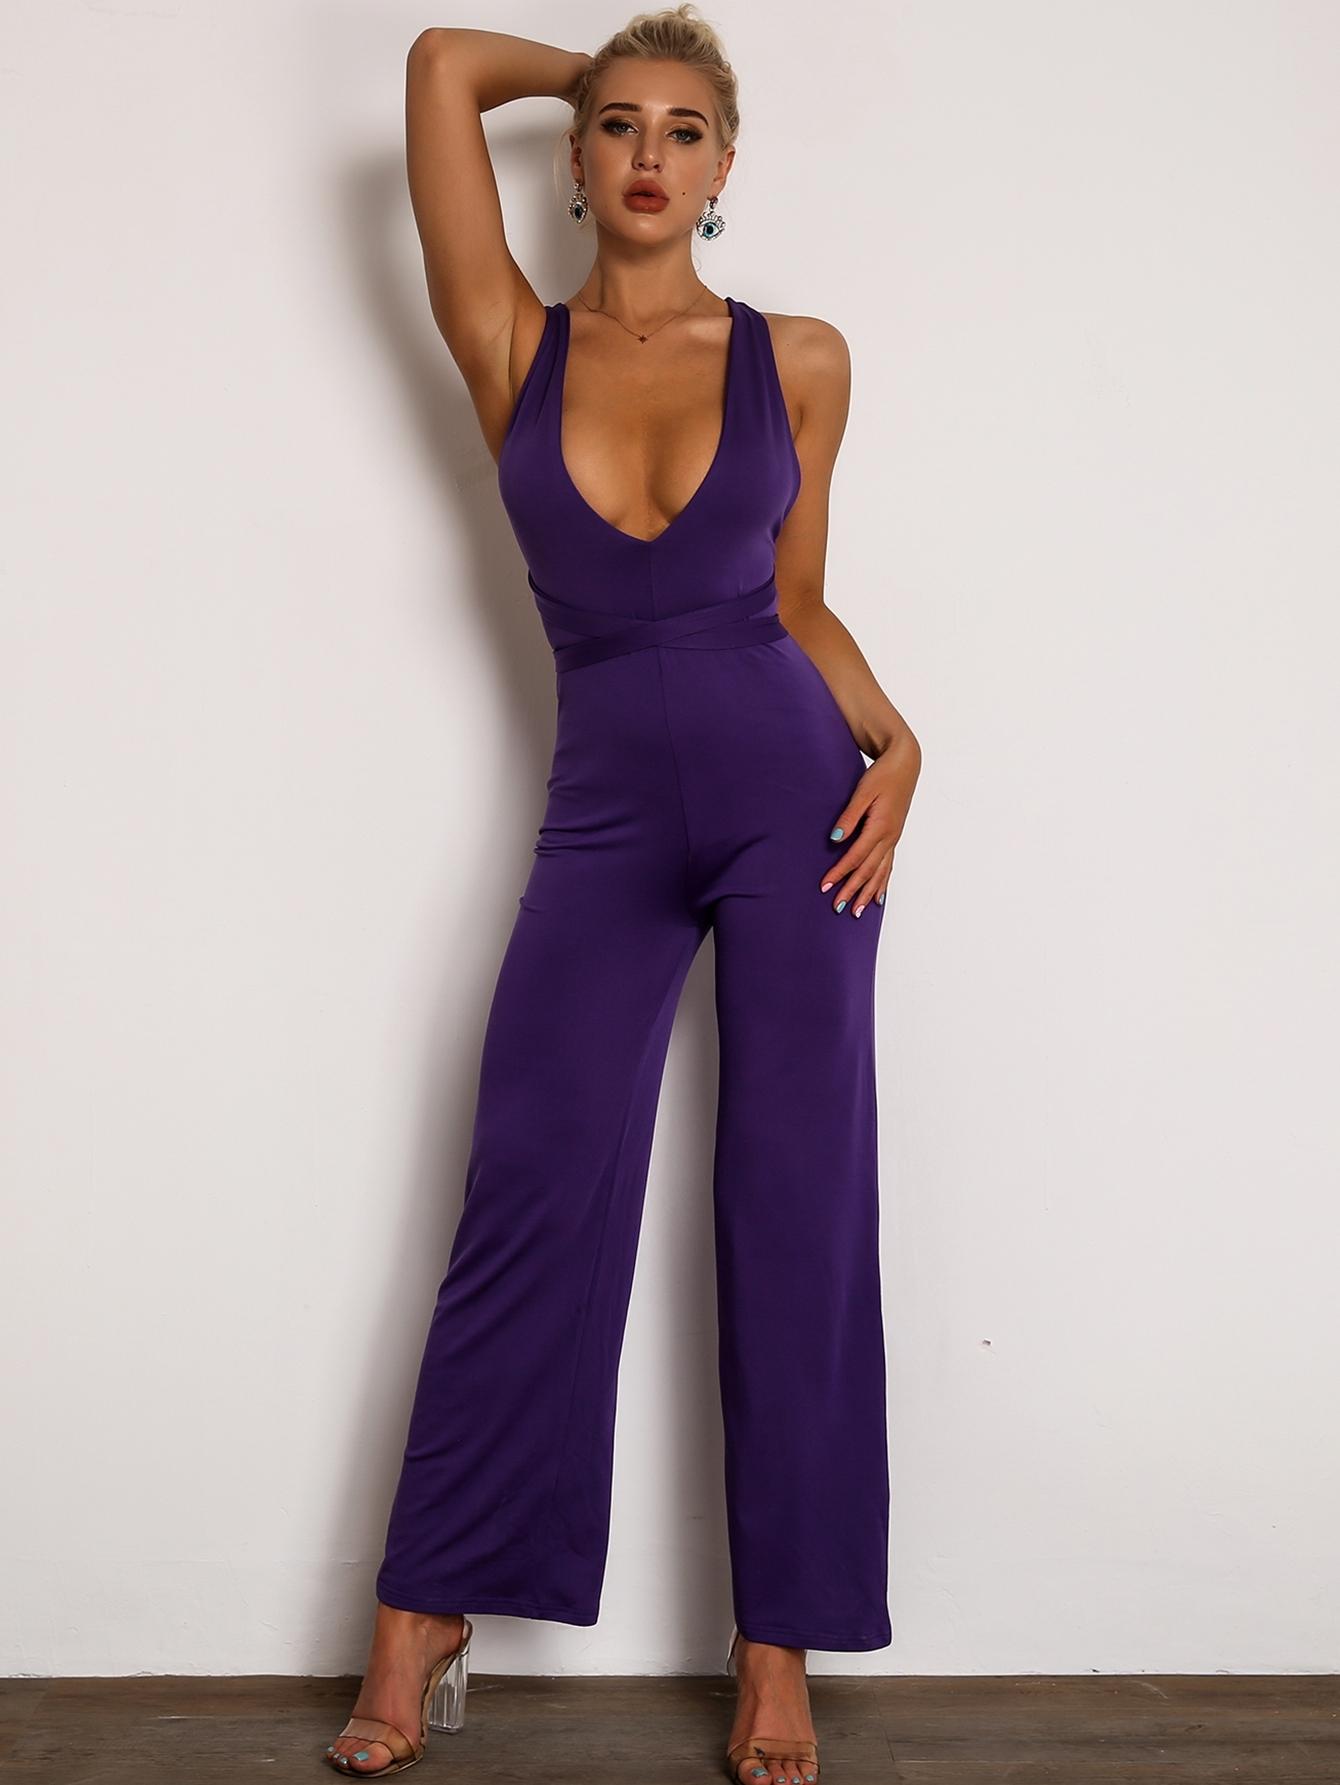 Фото - Joyfunear комбинезон на шнуровке с открытой спинкой от SheIn фиолетового цвета